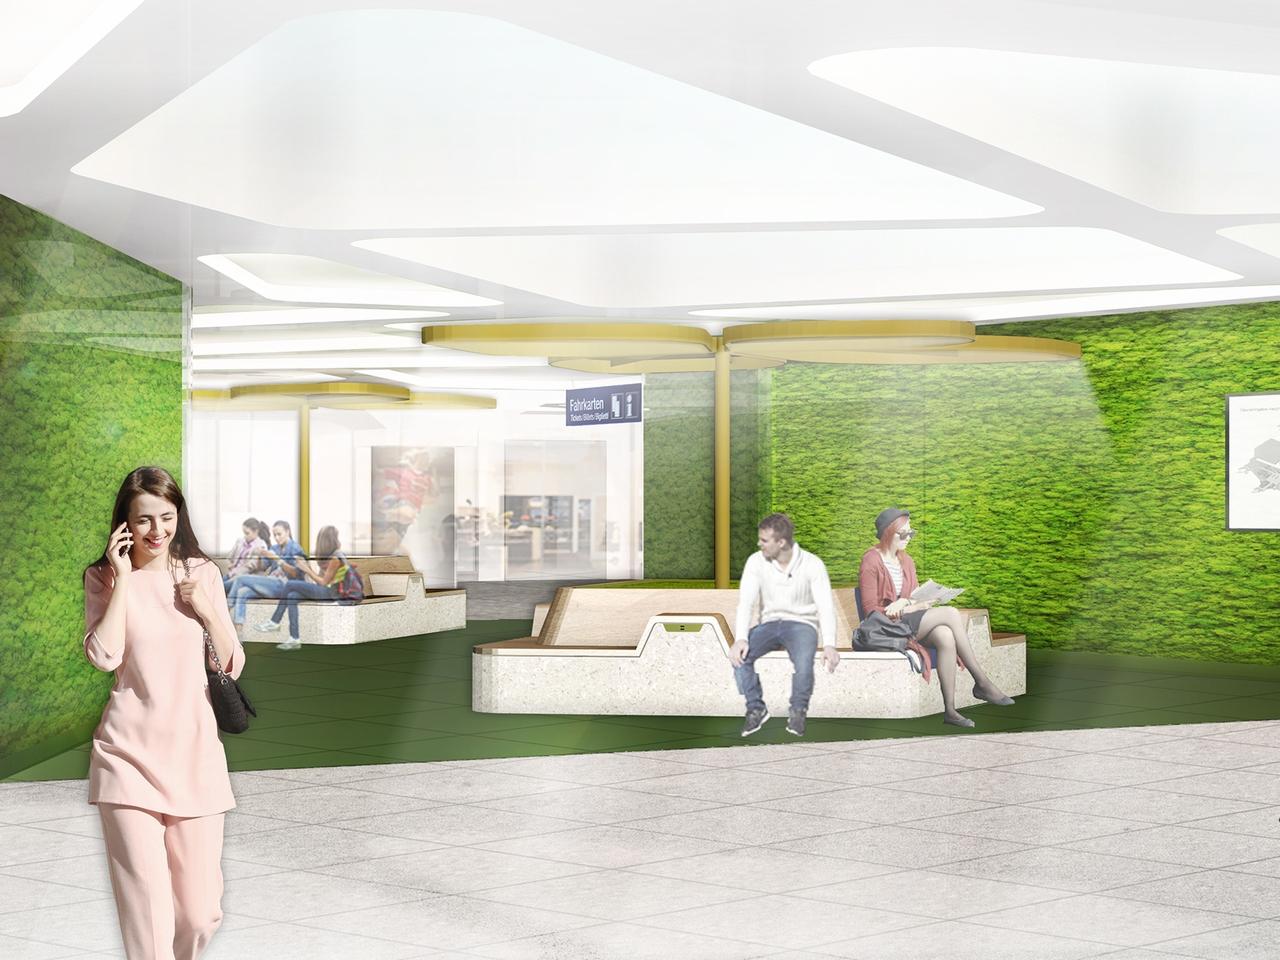 Bild: https://www.deutsches-architektur-forum.de/pics/schmittchen/hbf-umbau_vis_schmidt&puetz_06.jpg